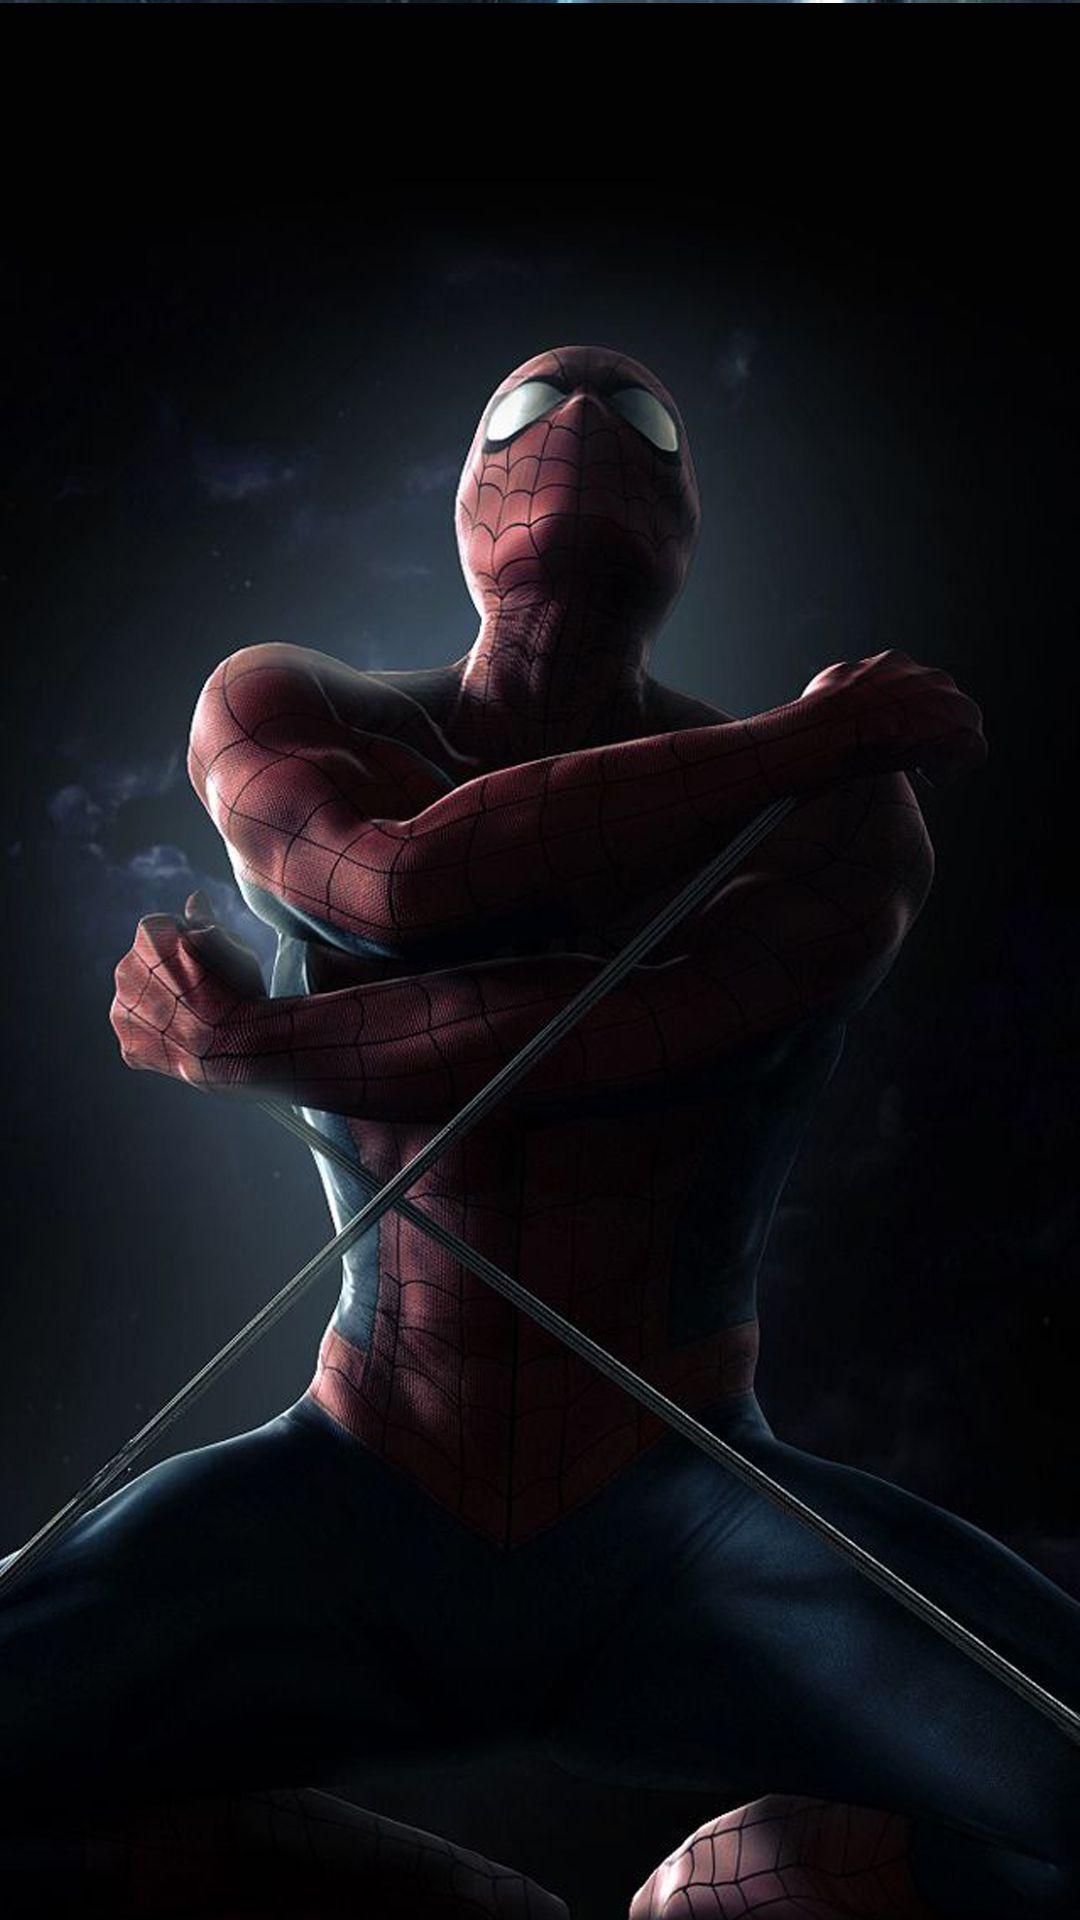 Hình nền siêu anh hùng 1080x1920 HD